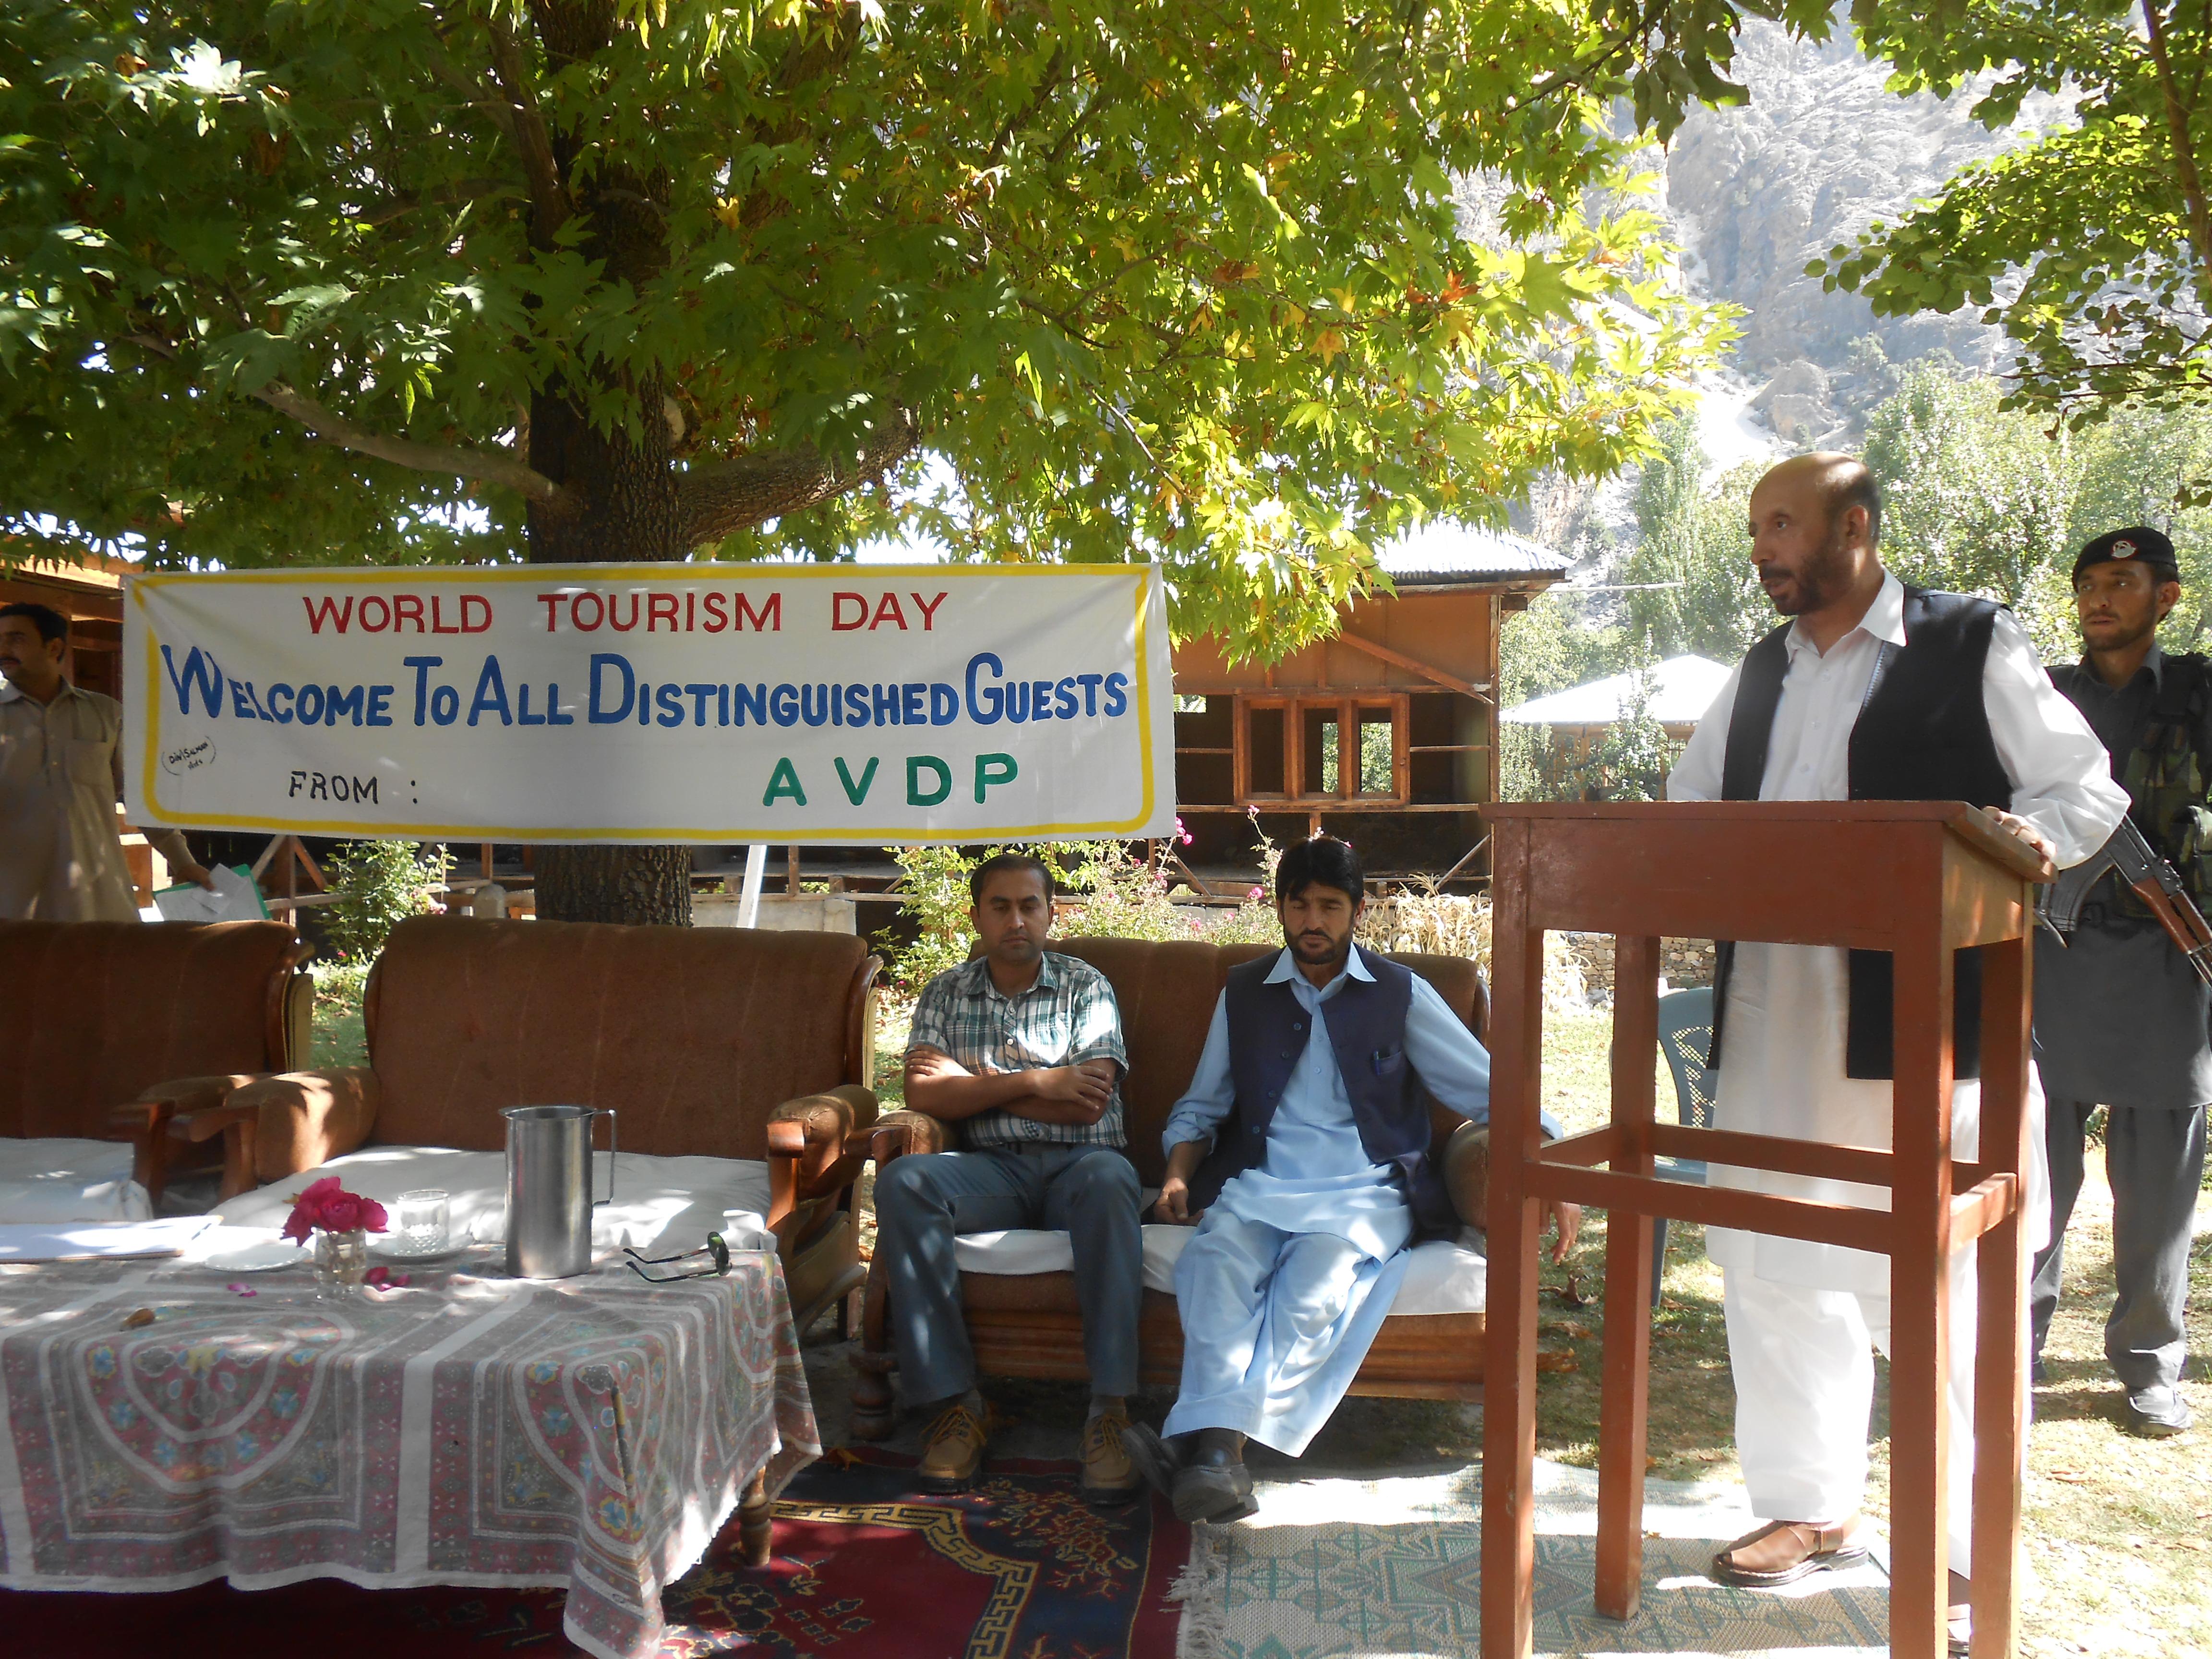 وادی کیلاش (بمبوریت) میں یوم سیاحت کے حوالے سے تقریب کا انعقاد